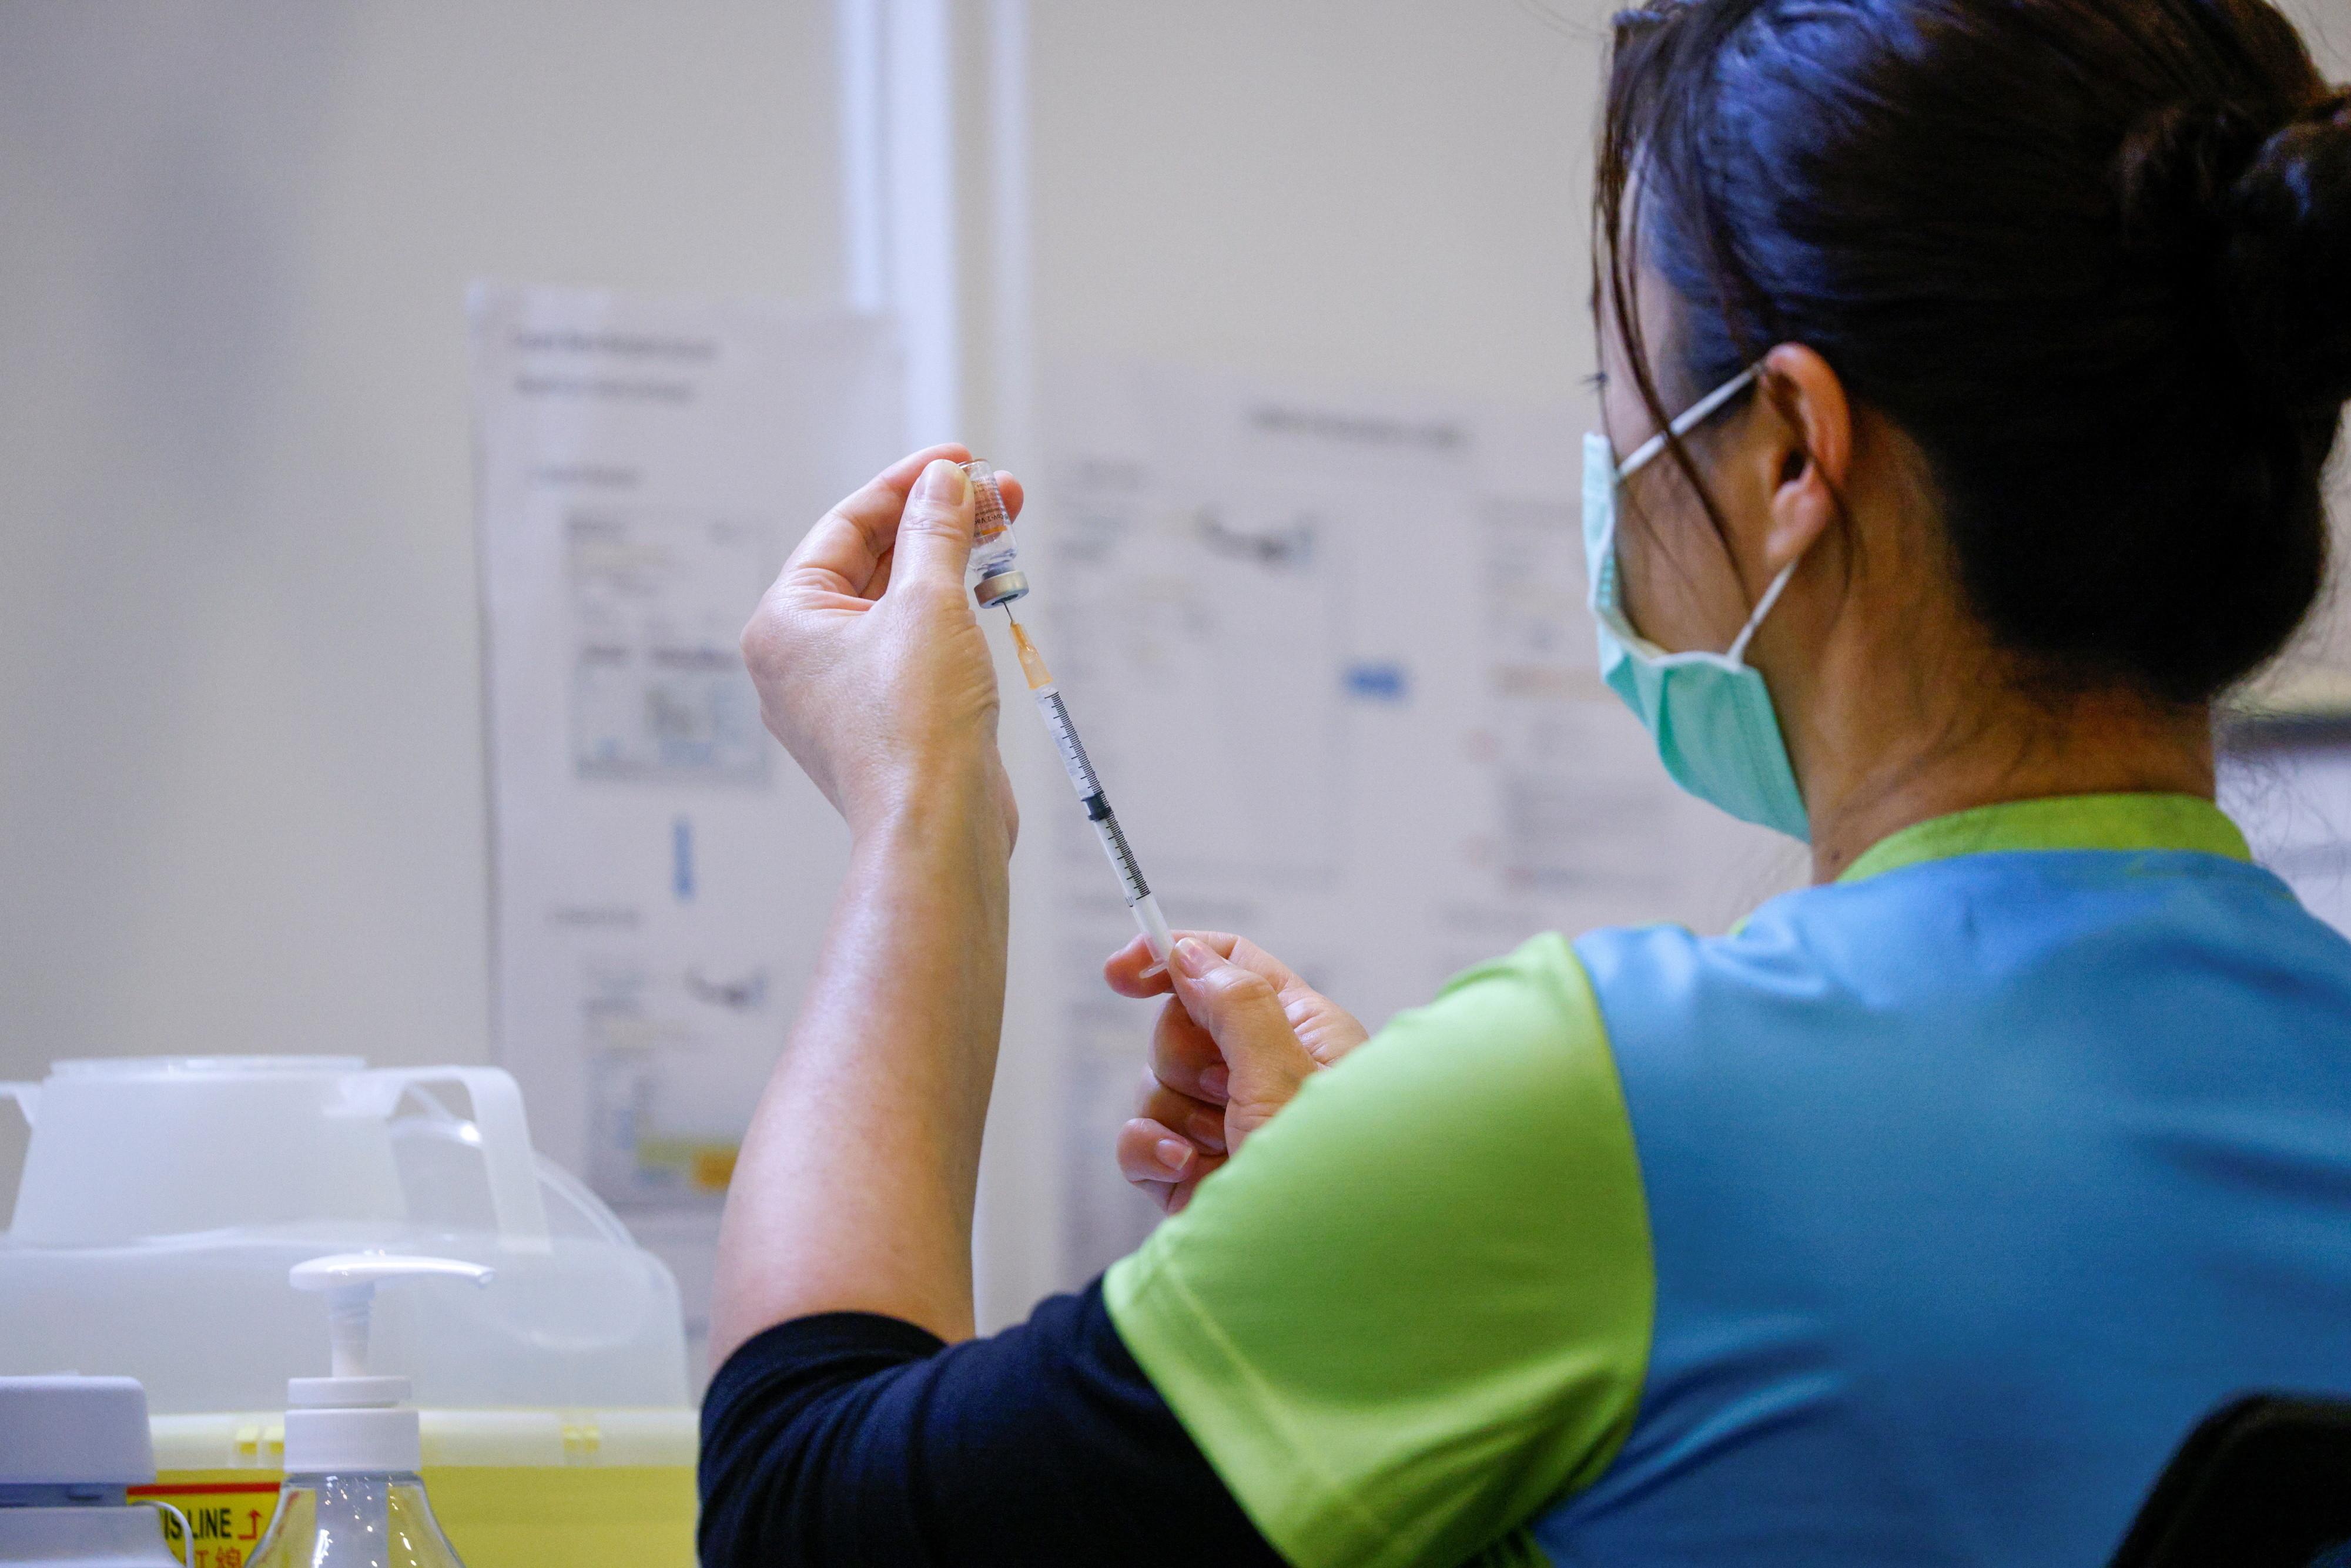 image of a nurse preparing the COVID-19 vaccine